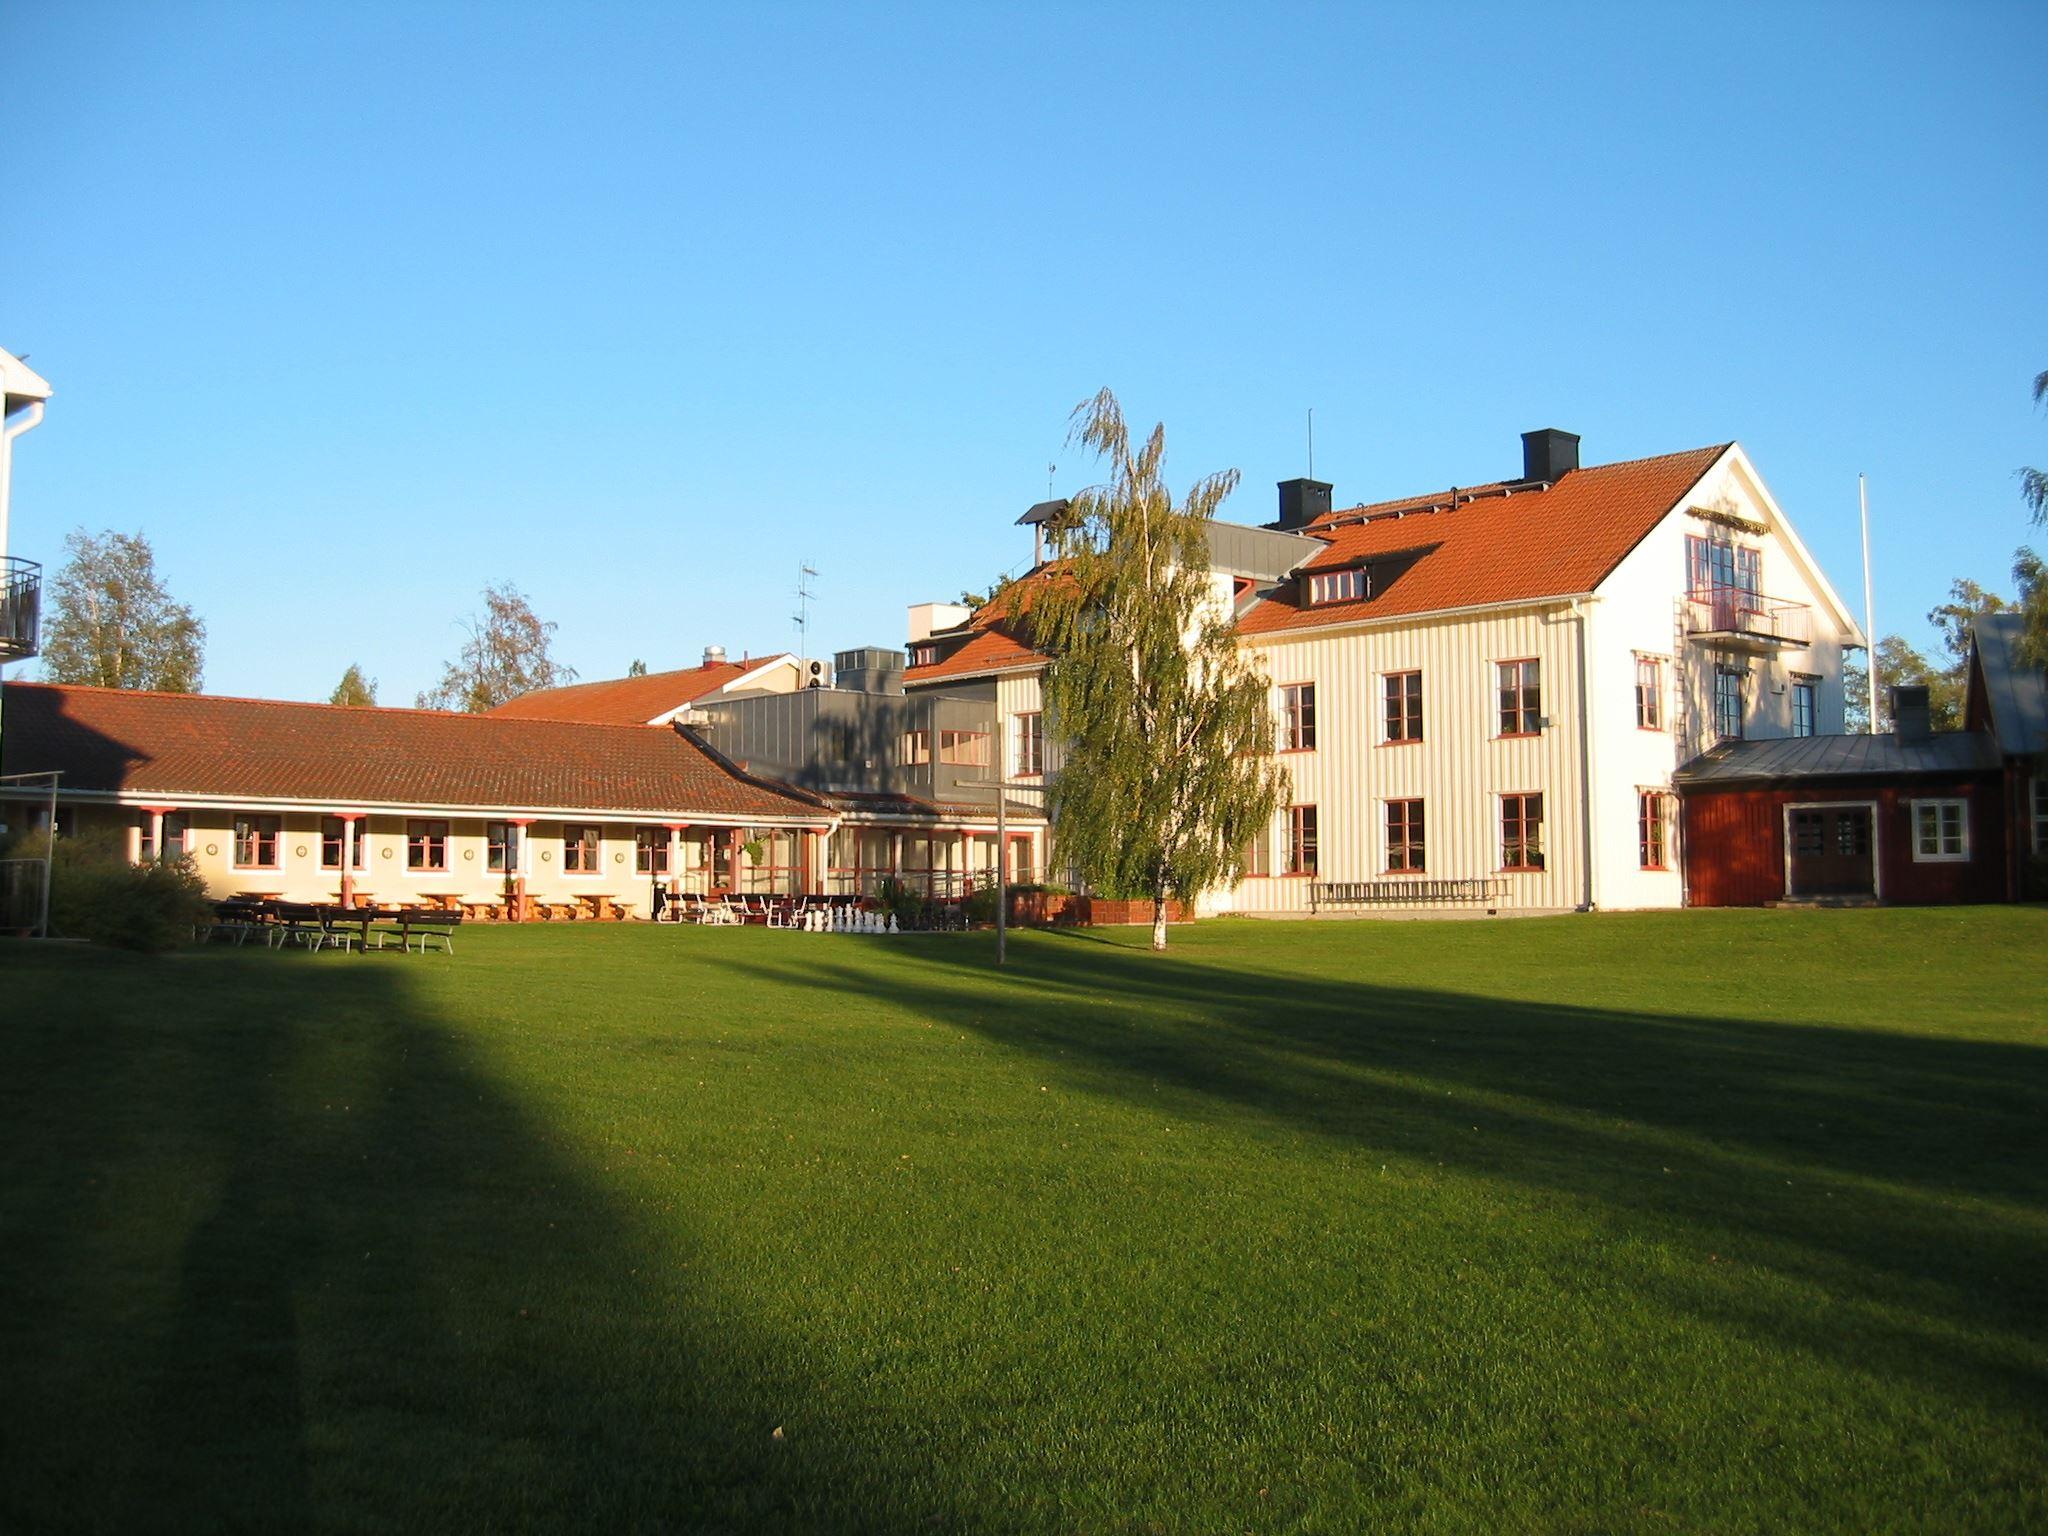 Musik vid Siljan - Sjunga tillsammans